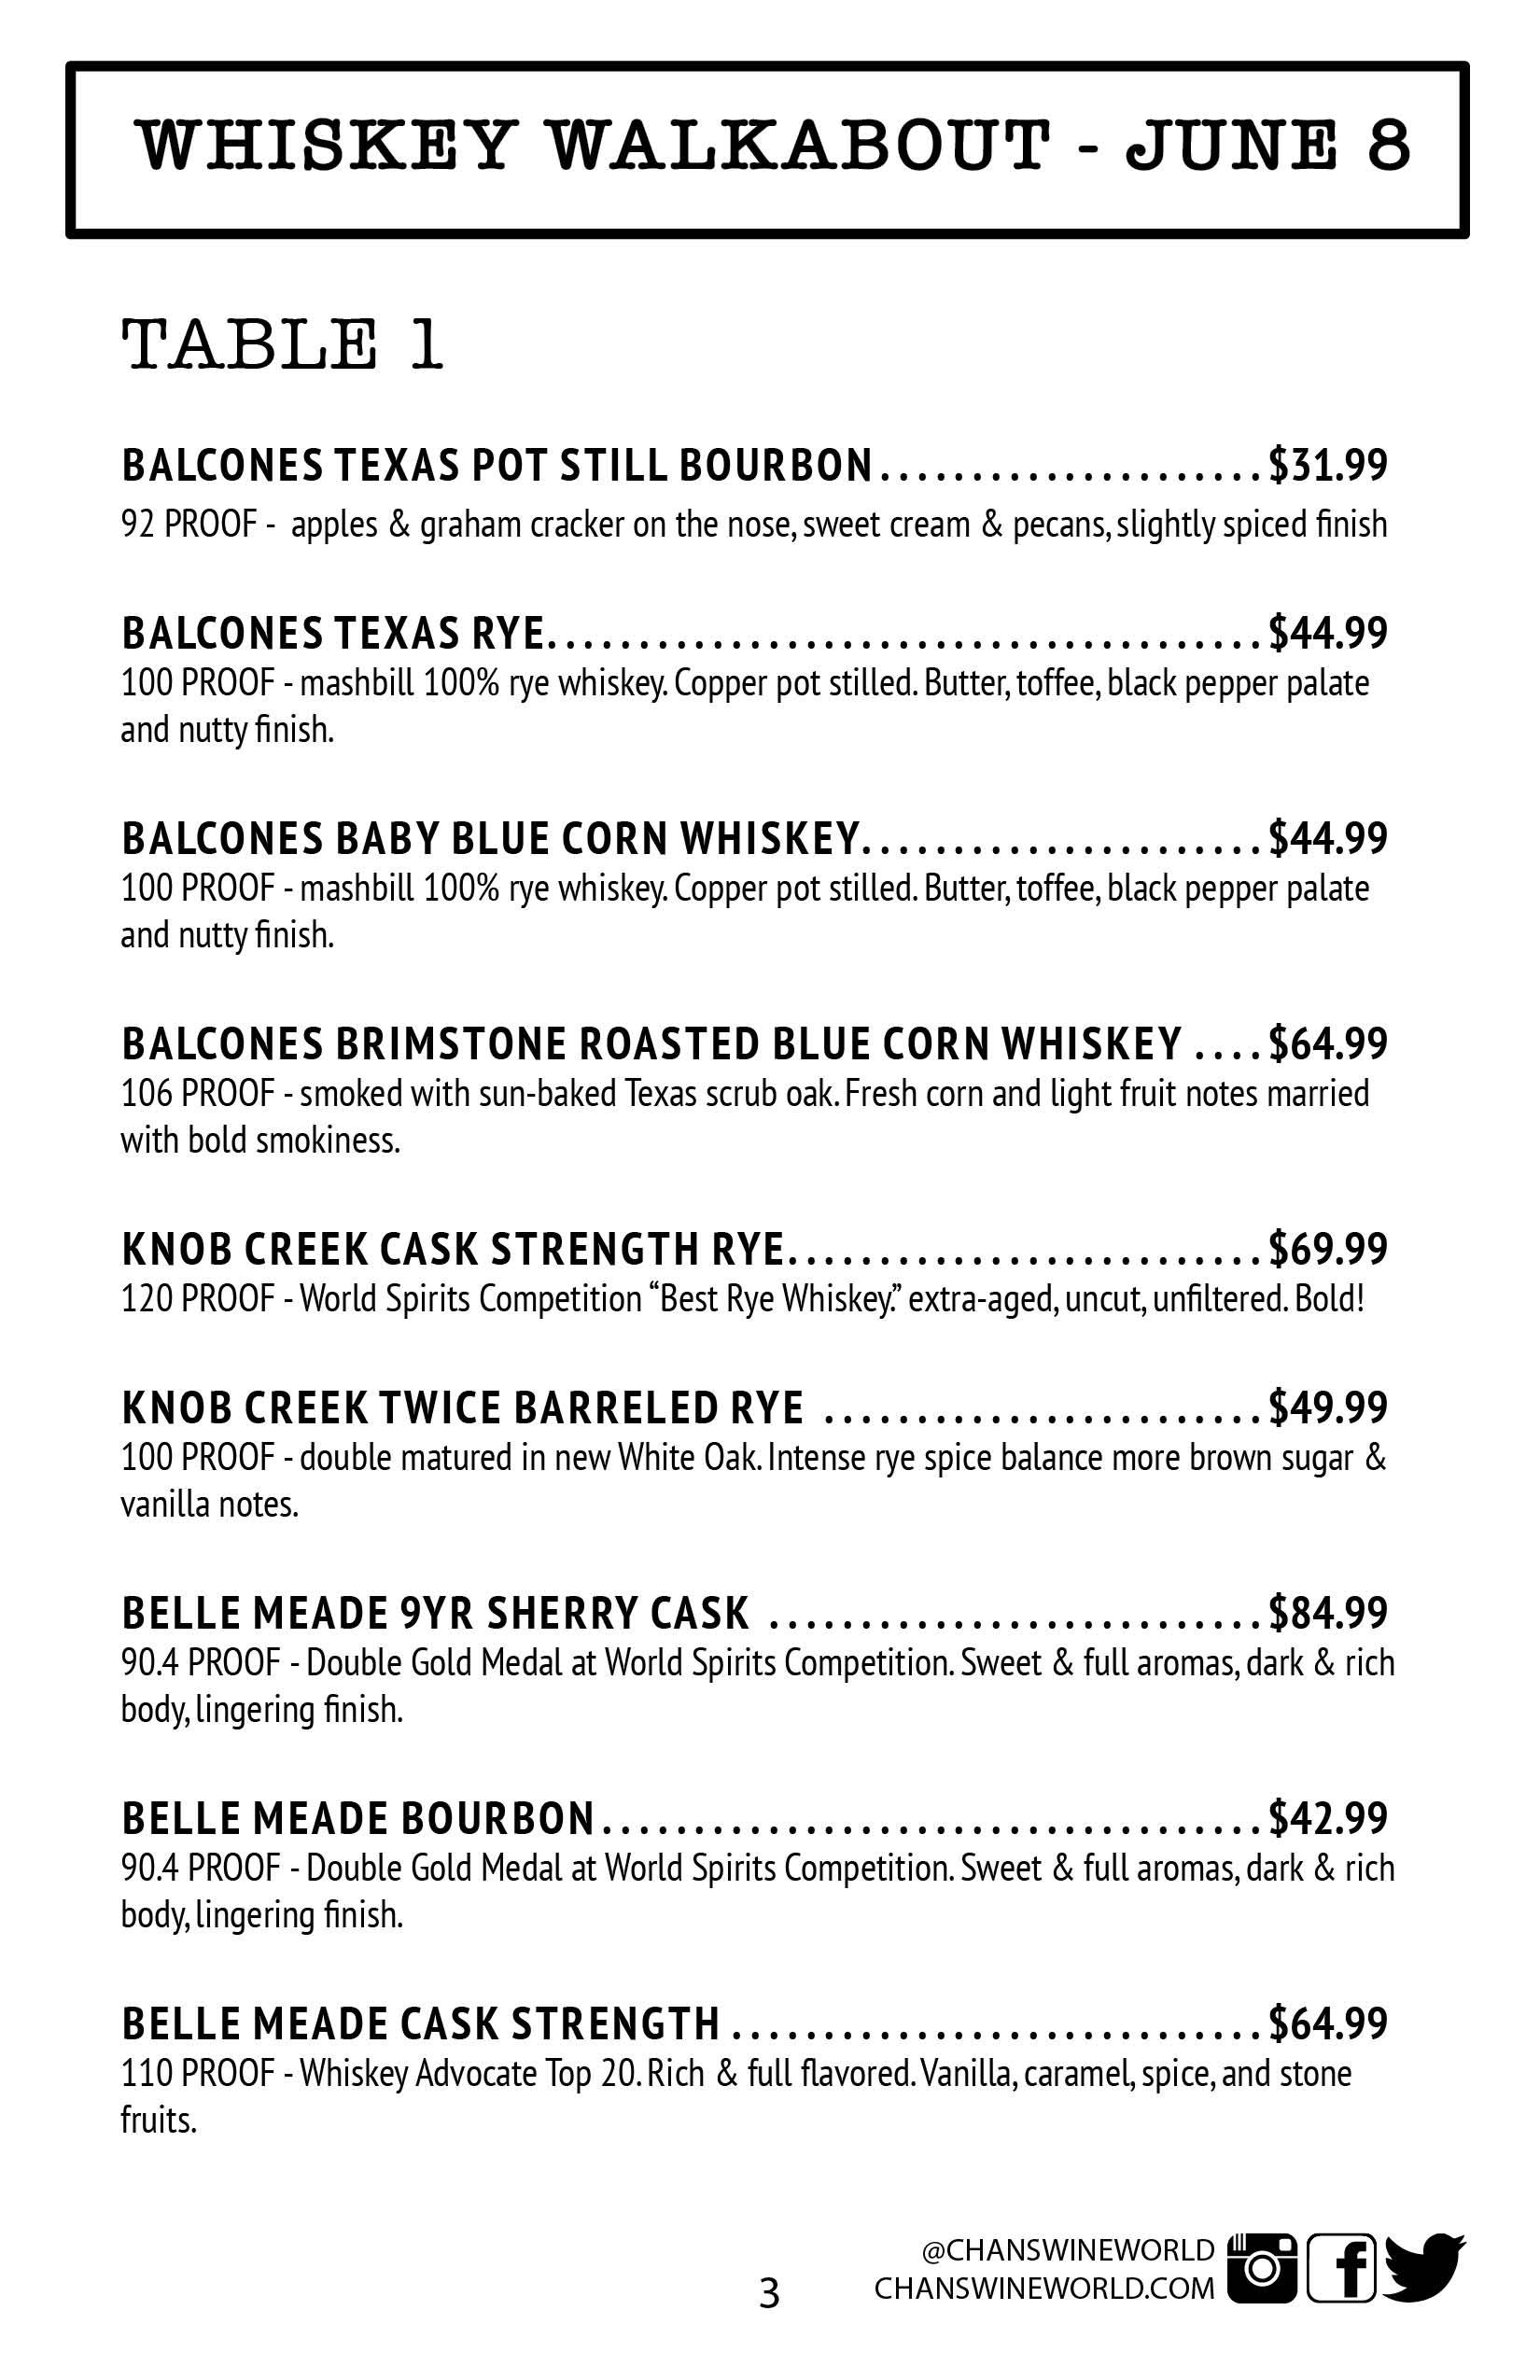 Whiskey Walkabout_Tasting Guide_20193.jpg